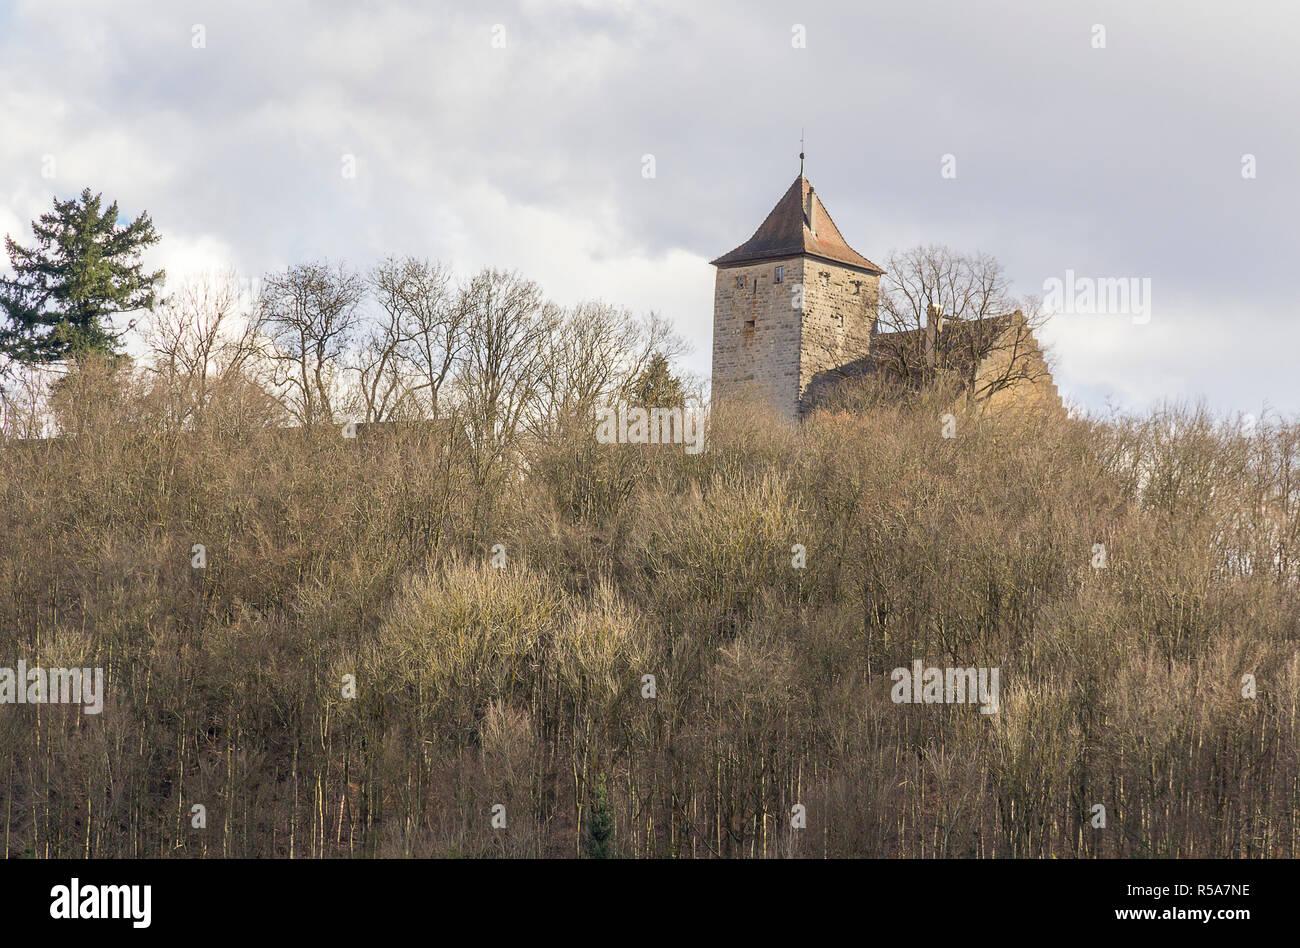 morstein castle in hohenlohe - Stock Image